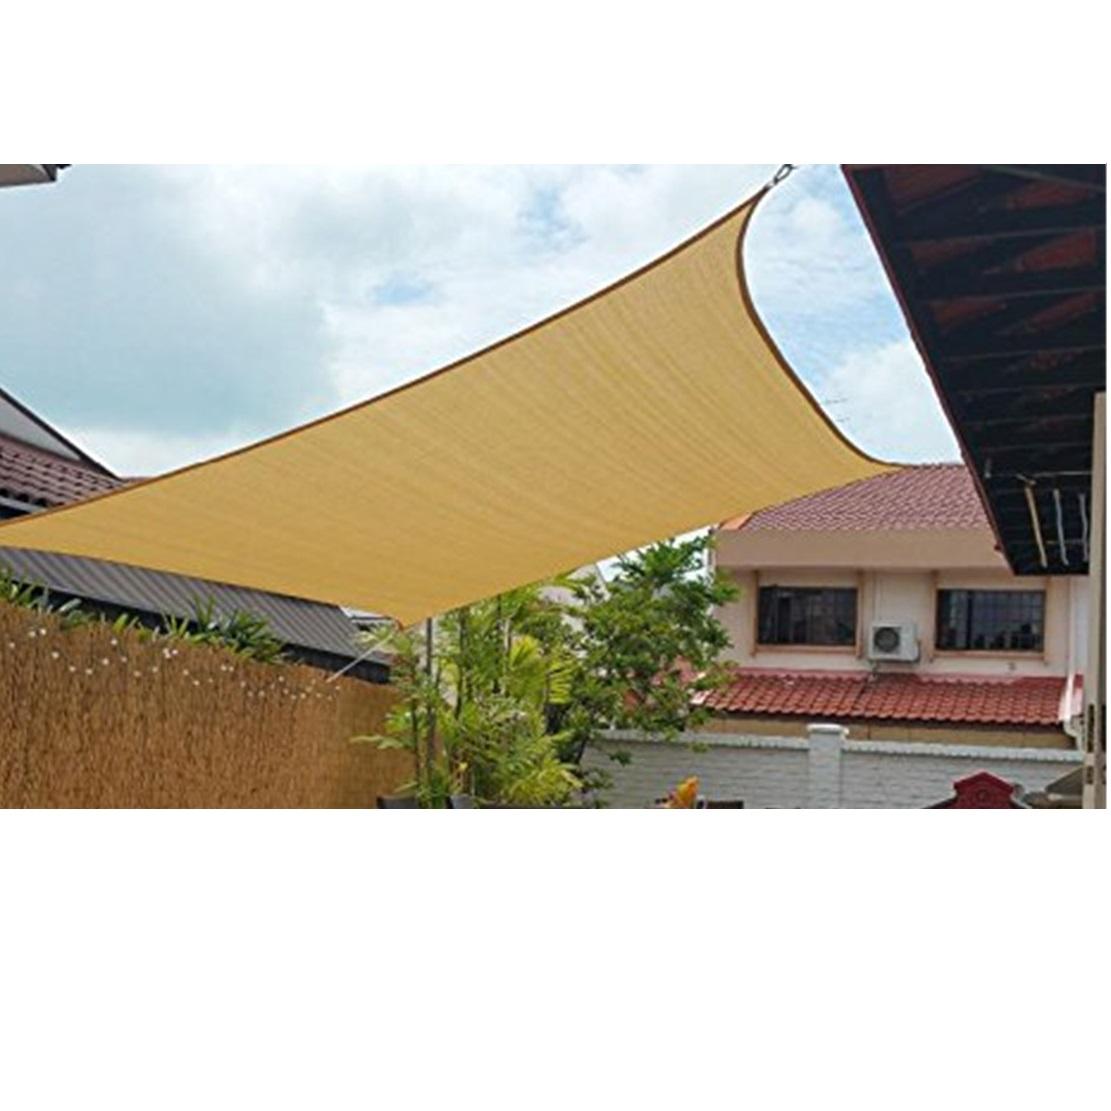 Swimmingpool HDPE tan Farbe wasserdicht Sonne Sonnensegel, Qualitäts-Outdoor-Netz-Zelt ,Kommerziell 95 Shade Cloth